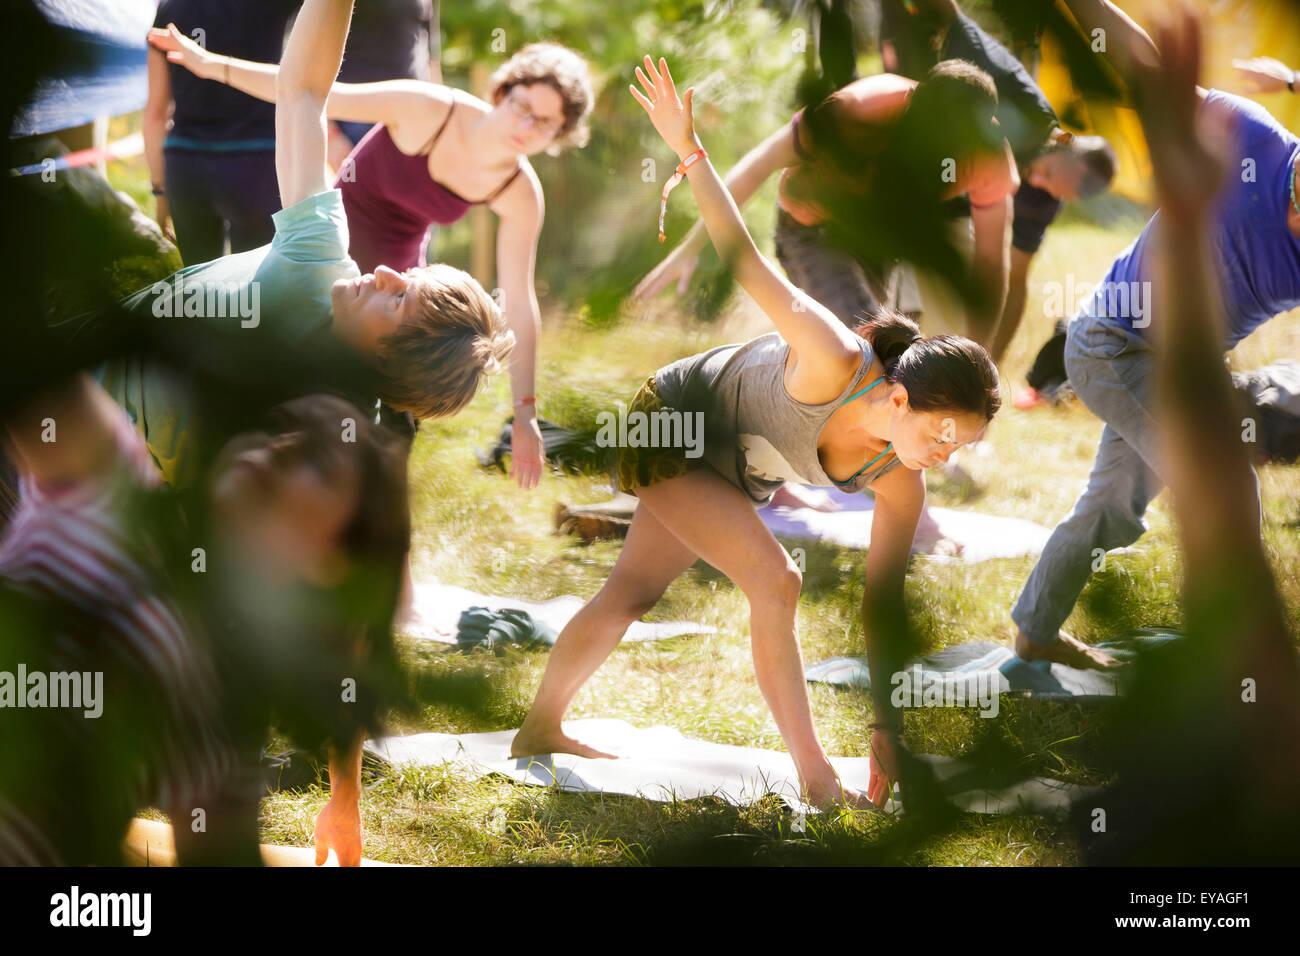 Charlton Park, Wiltshire, Reino Unido. El 25 de julio de 2015. La gente practique yoga en el sol de la mañana Imagen De Stock